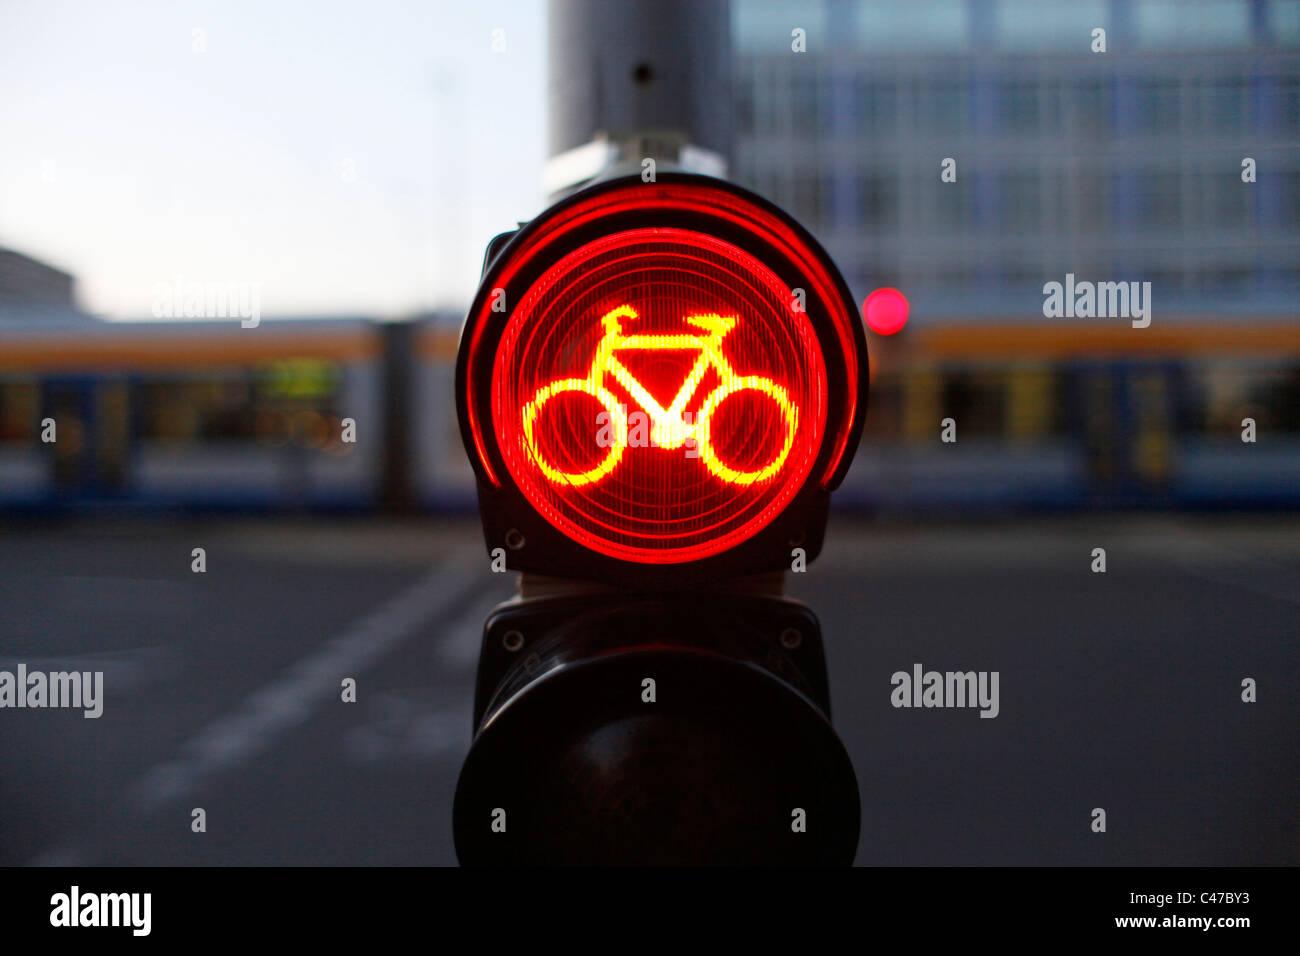 Fahrrad-Ampel in der Innenstadt von Leipzig Sachsen Ostdeutschland Stockfoto